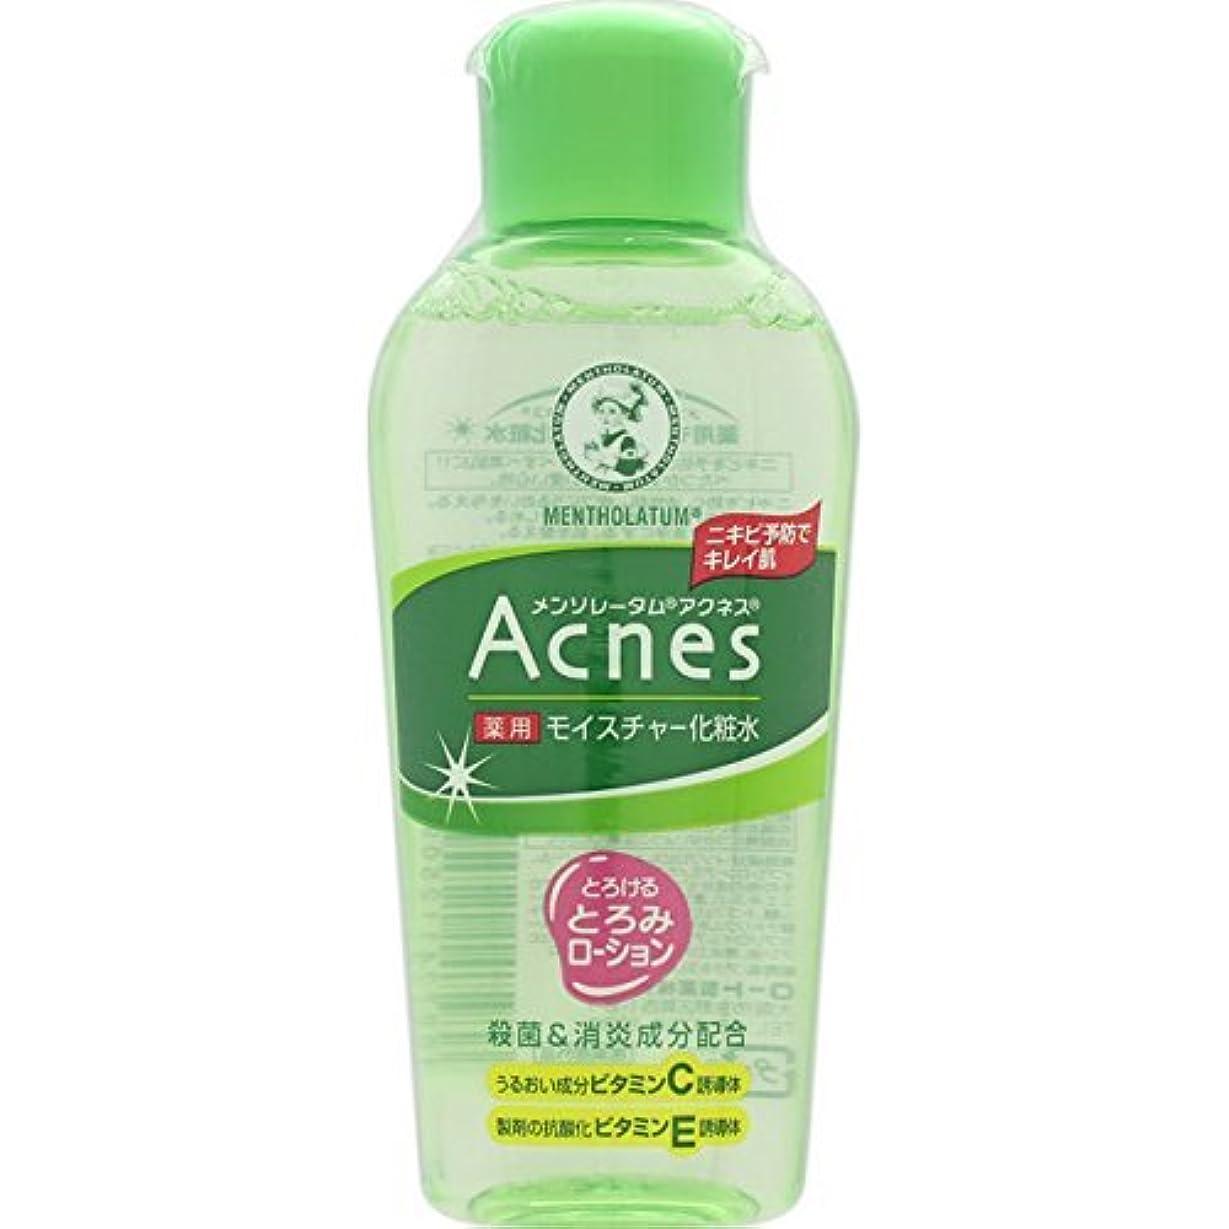 にじみ出る子供達入り口Acnes(アクネス) 薬用モイスチャー化粧水 120mL【医薬部外品】